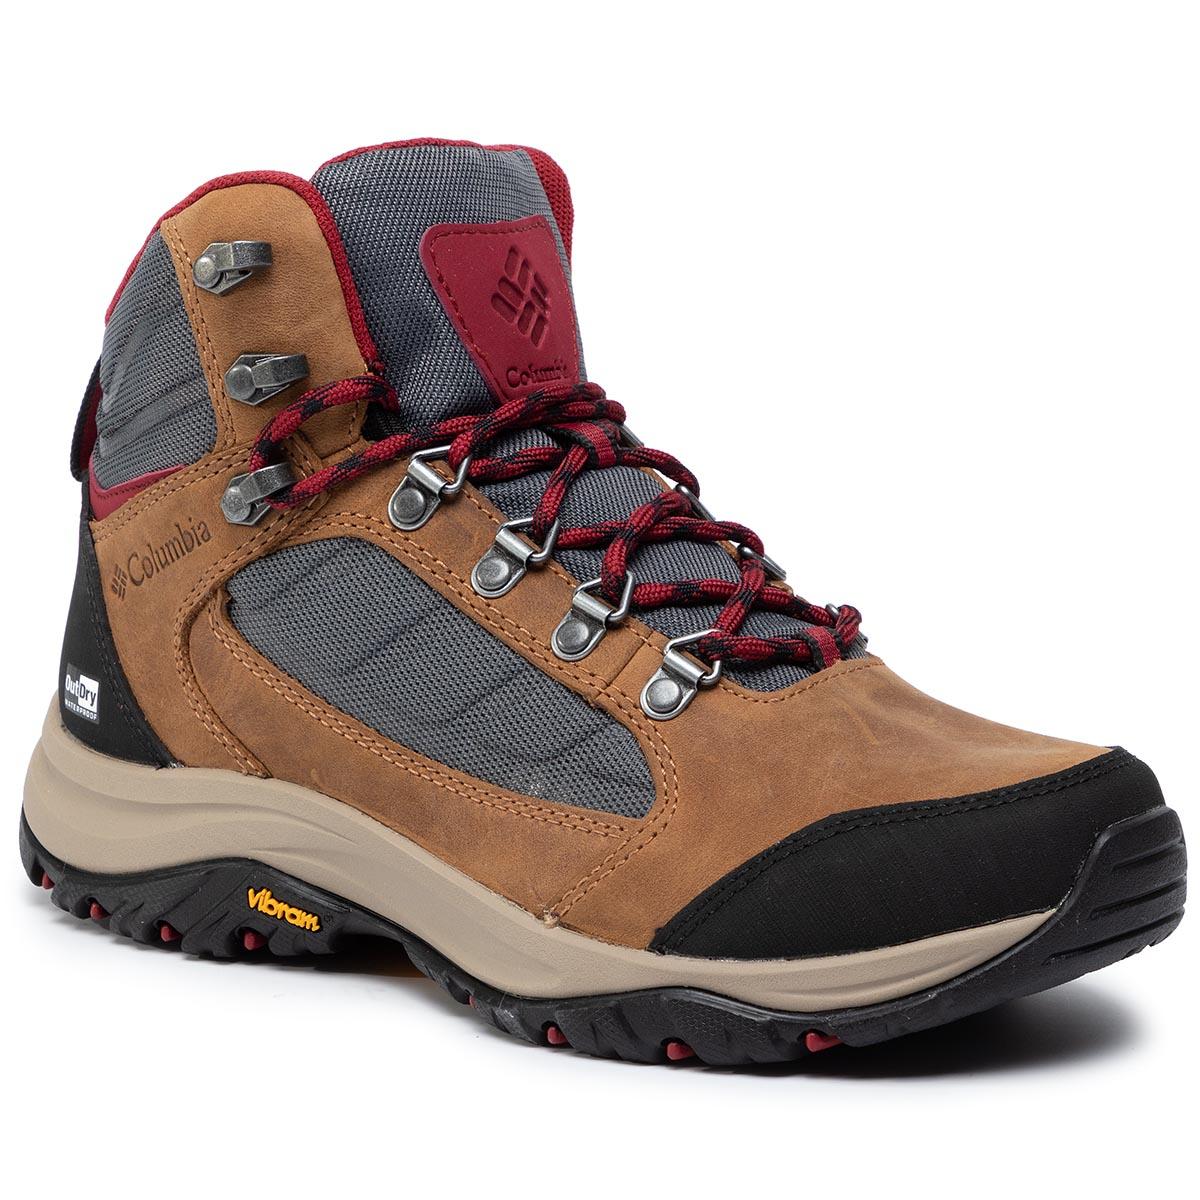 Trekker Boots SALOMON X Ultra Winter Cs Wp 2 404794 31 V0 BlackPhantomMonument